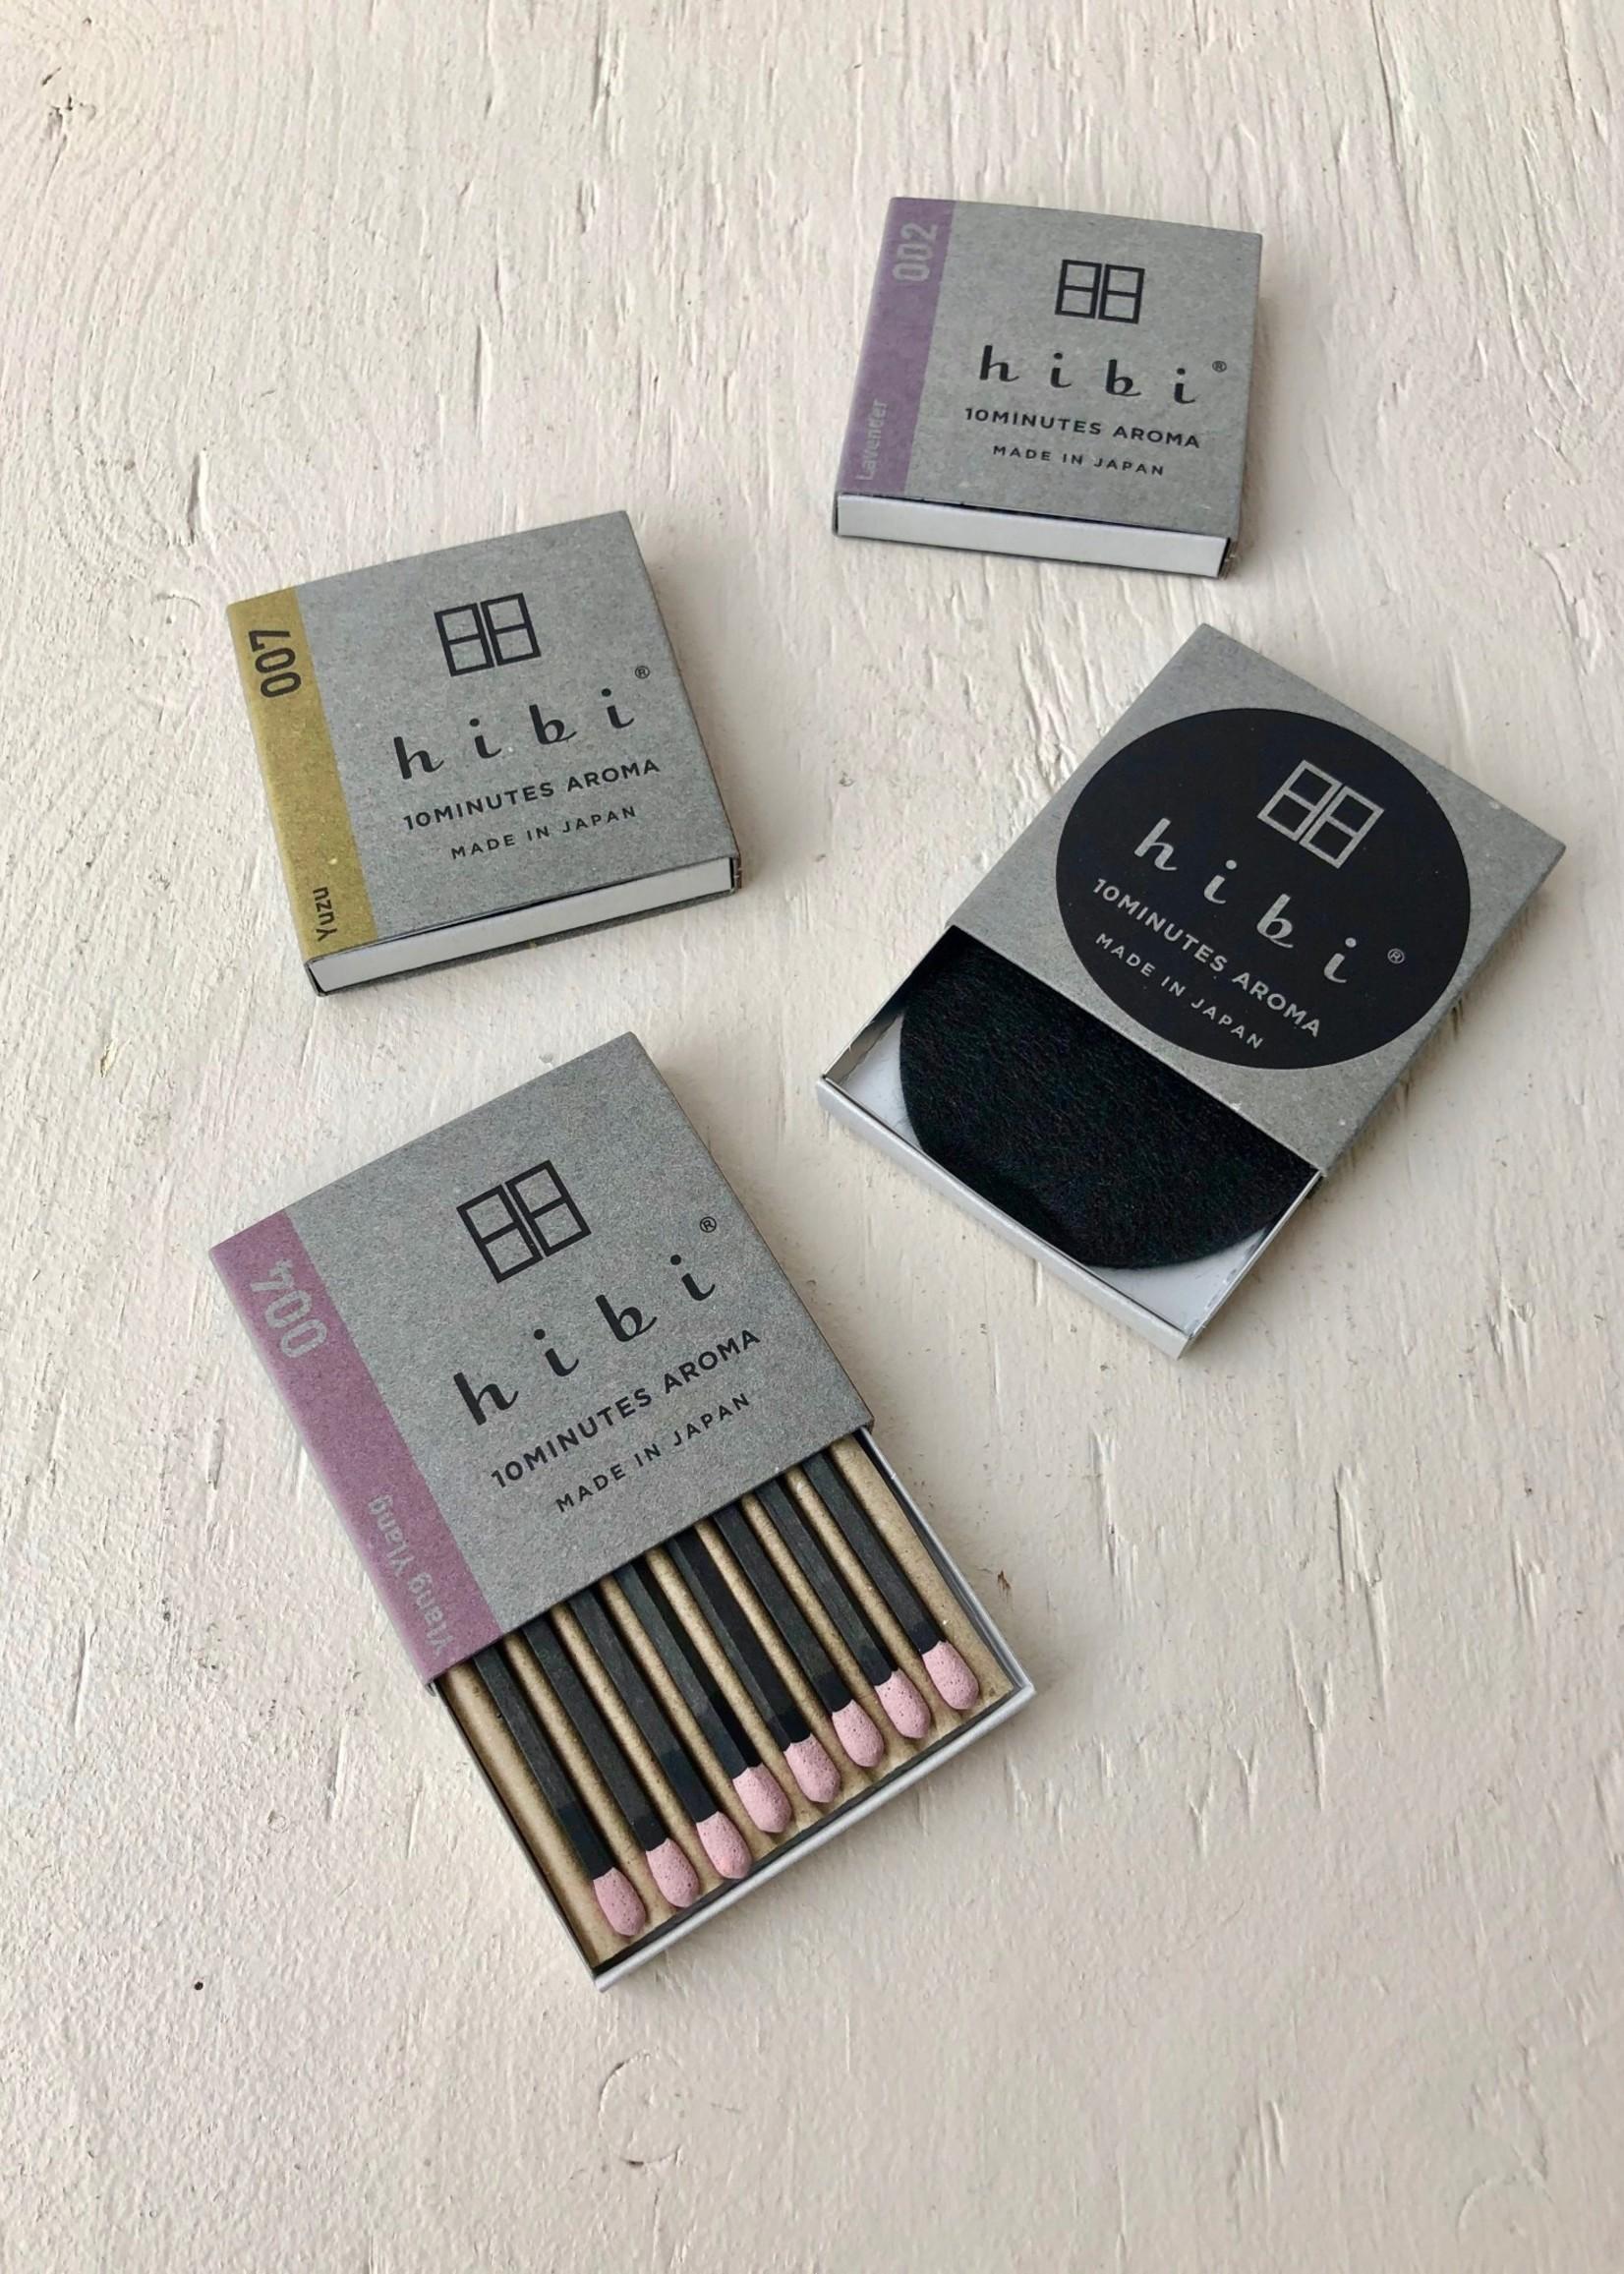 Hibi Incense Match Gift Set by Hibi